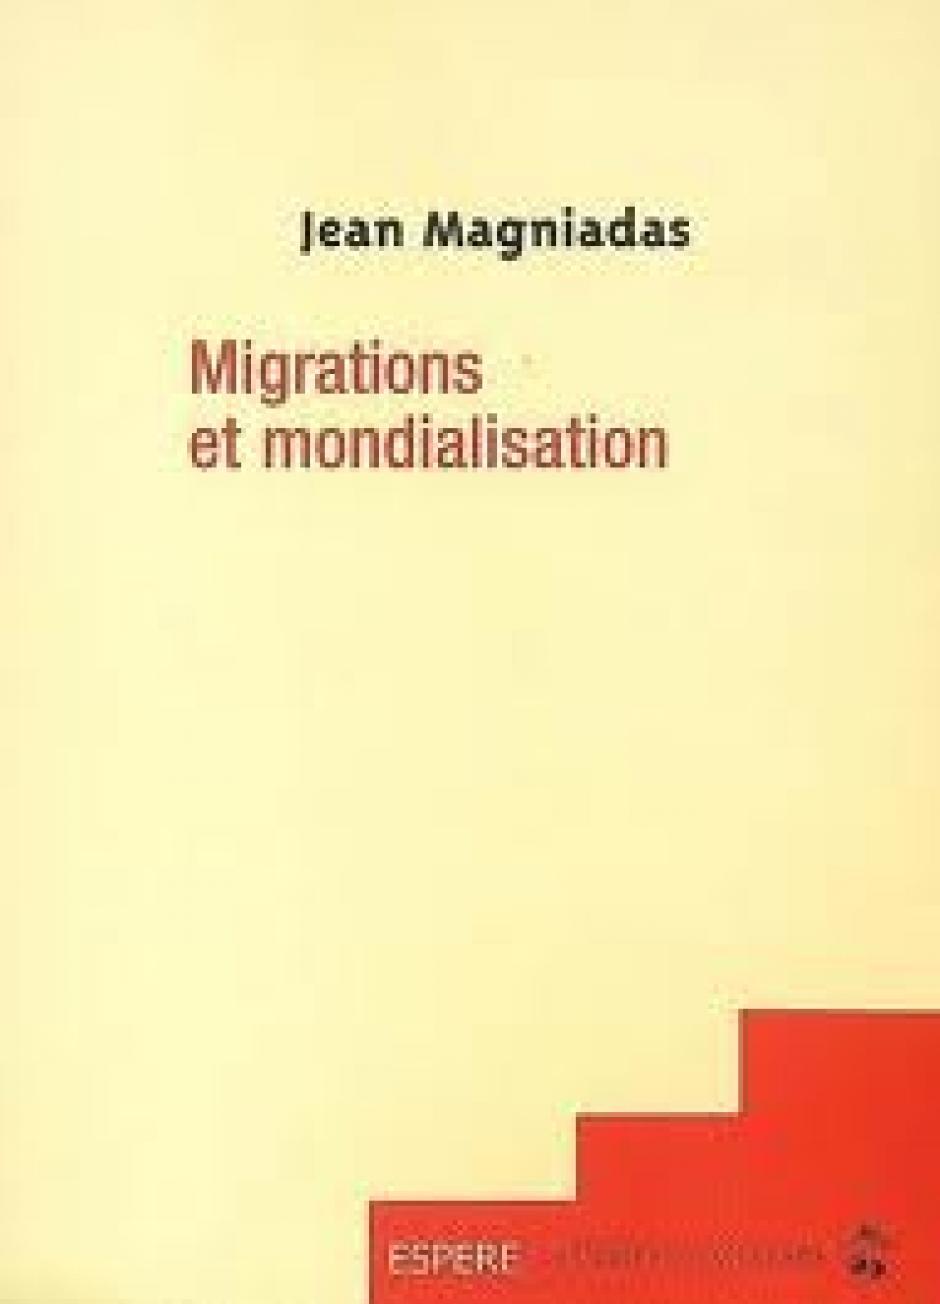 L'évolution des politiques migratoires en France,  Jean Magniadas*